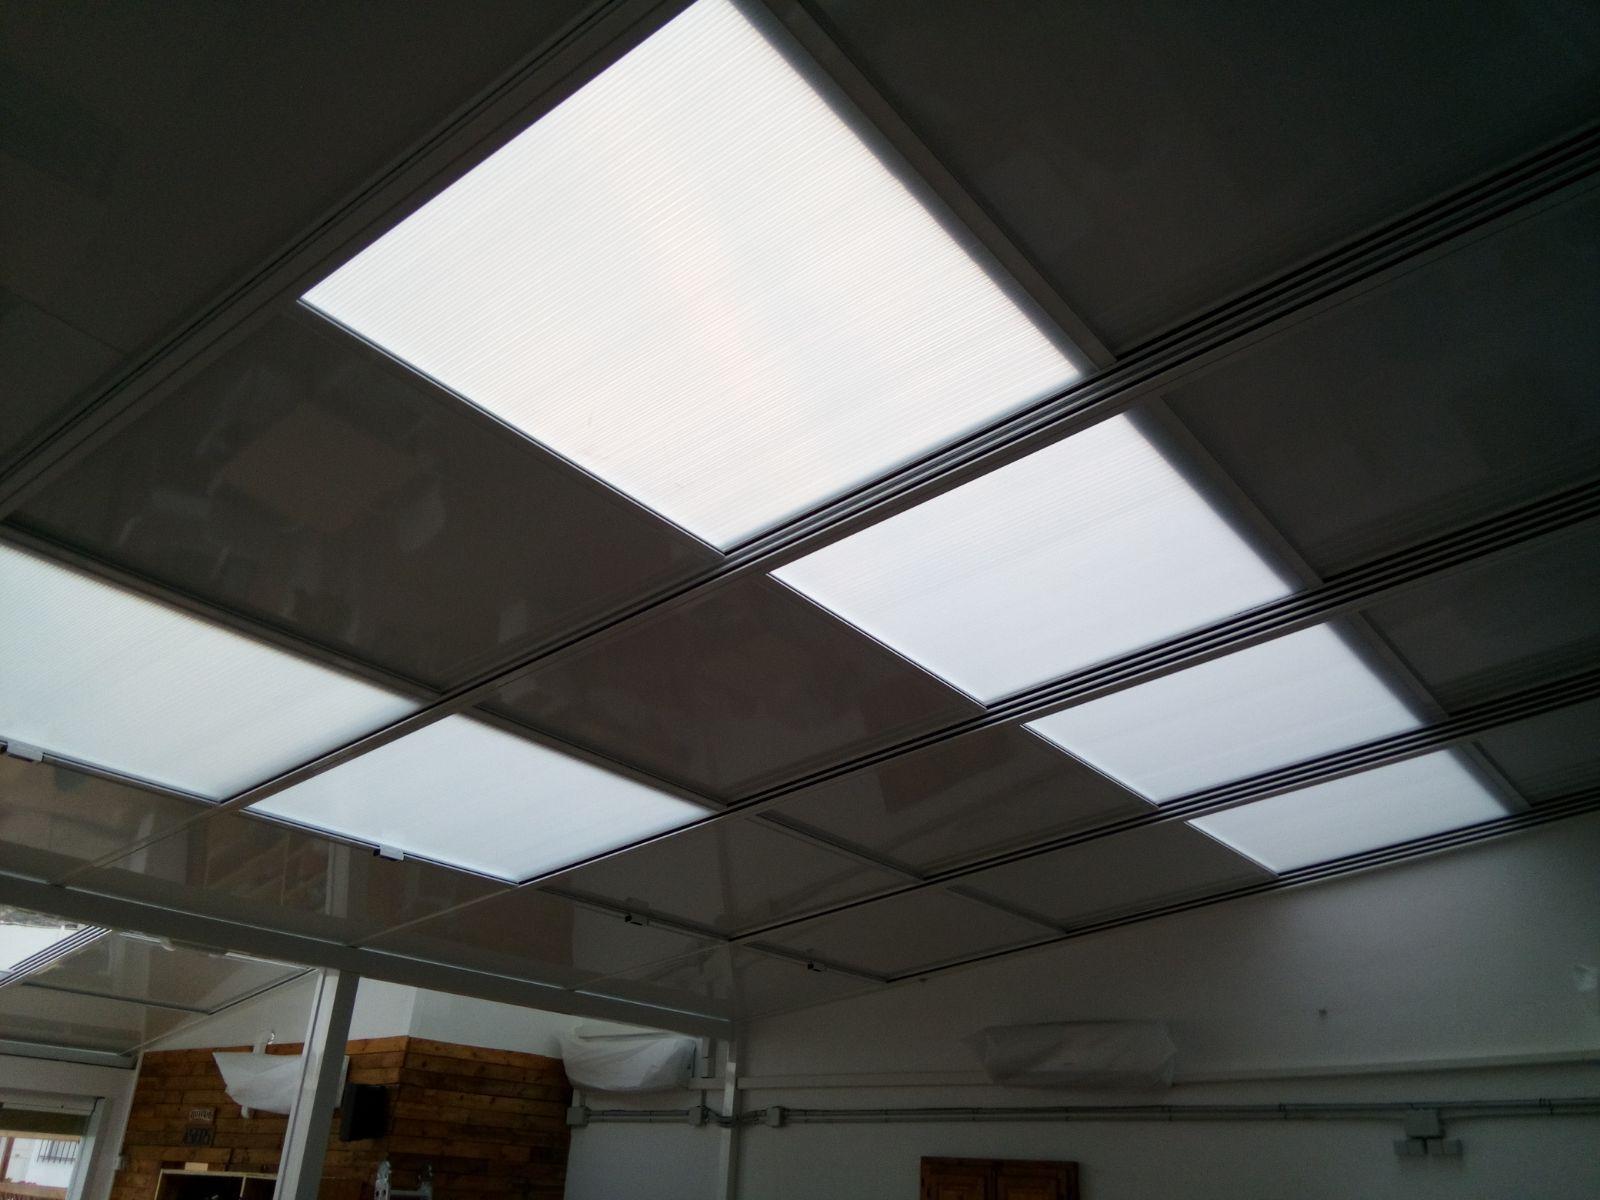 Instalación de techos fijos o movibles en Almería